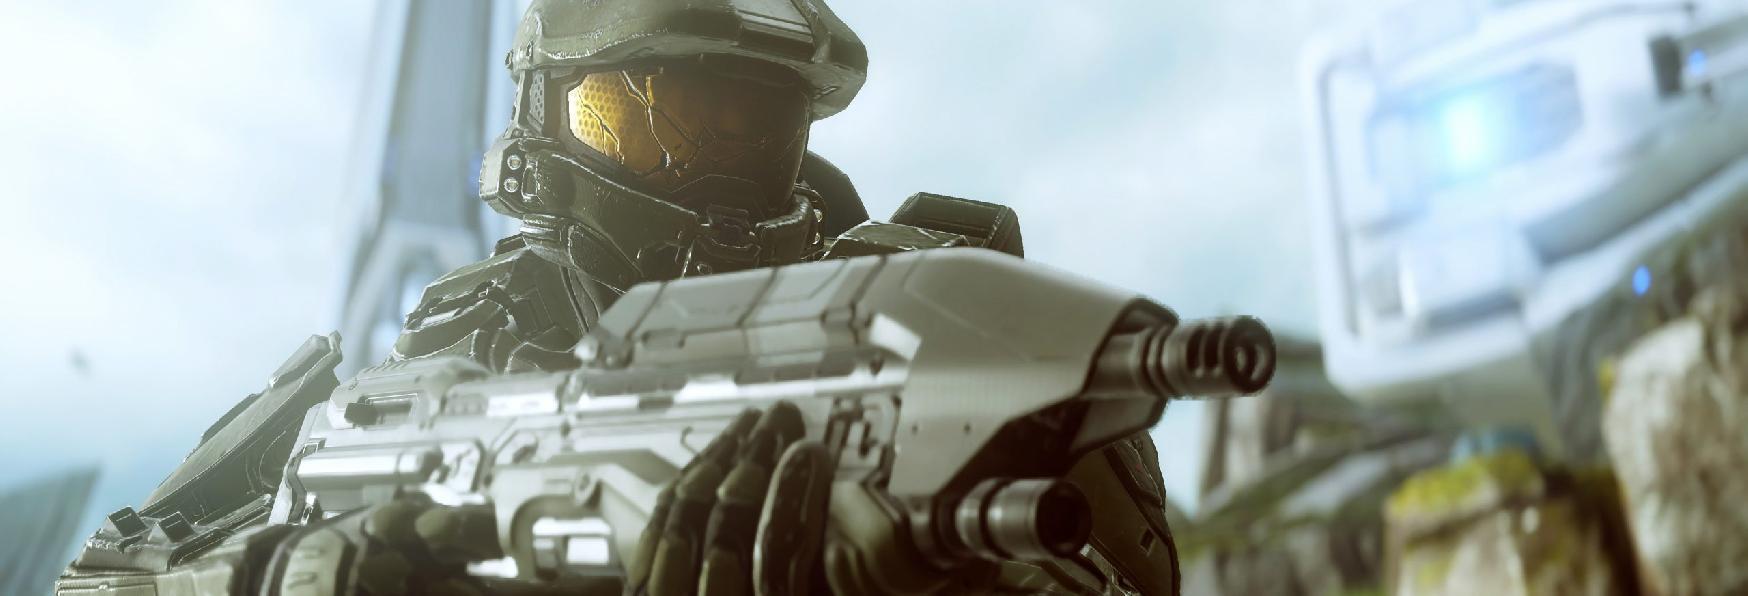 Progetto Halo: Wyatt abbandona il timone della Serie, le Motivazioni